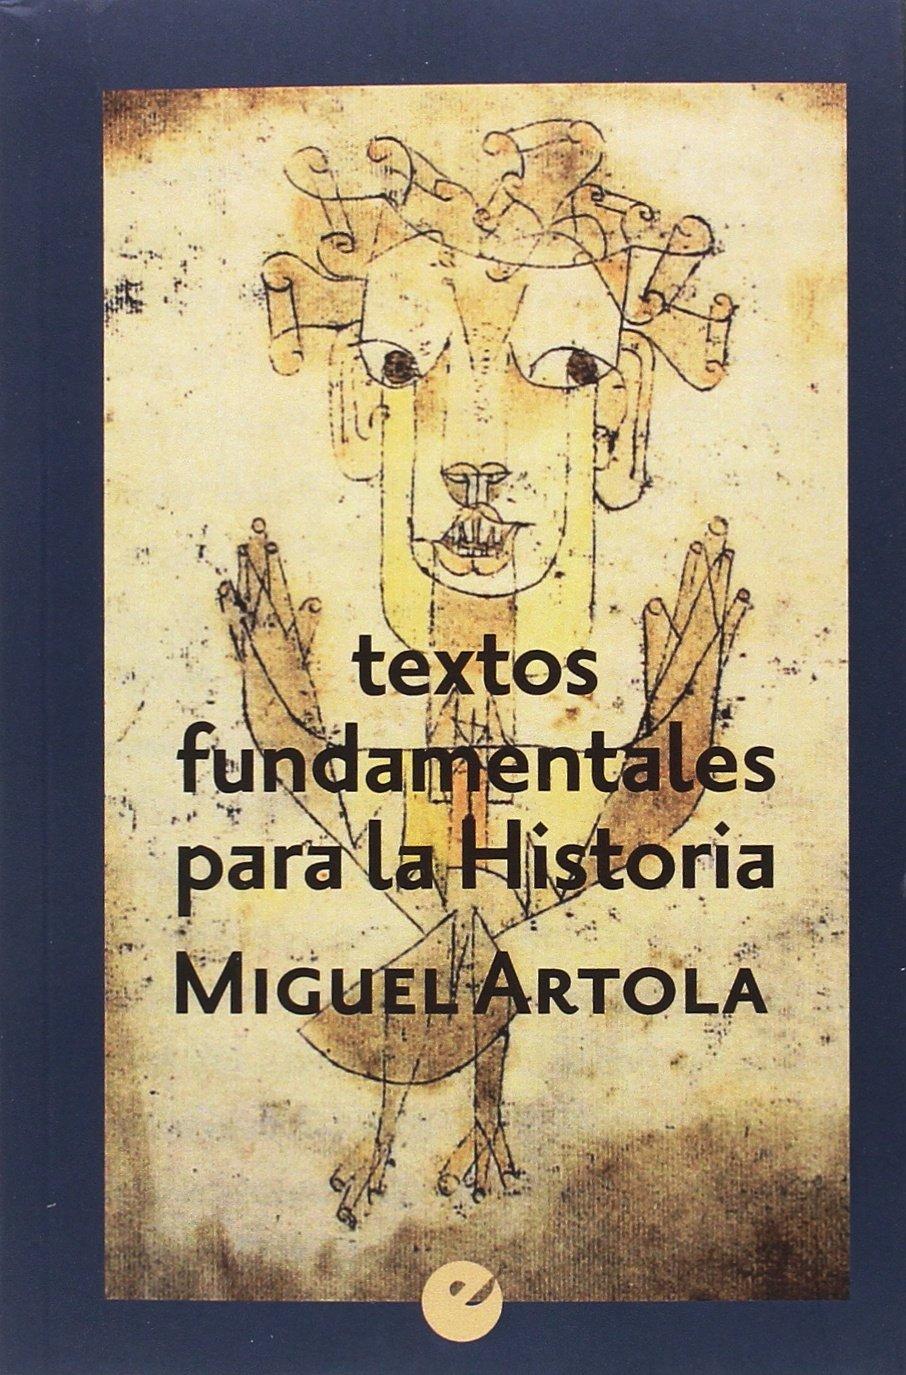 Textos fundamentales para la Historia: Amazon.es: Artola, Miguel: Libros